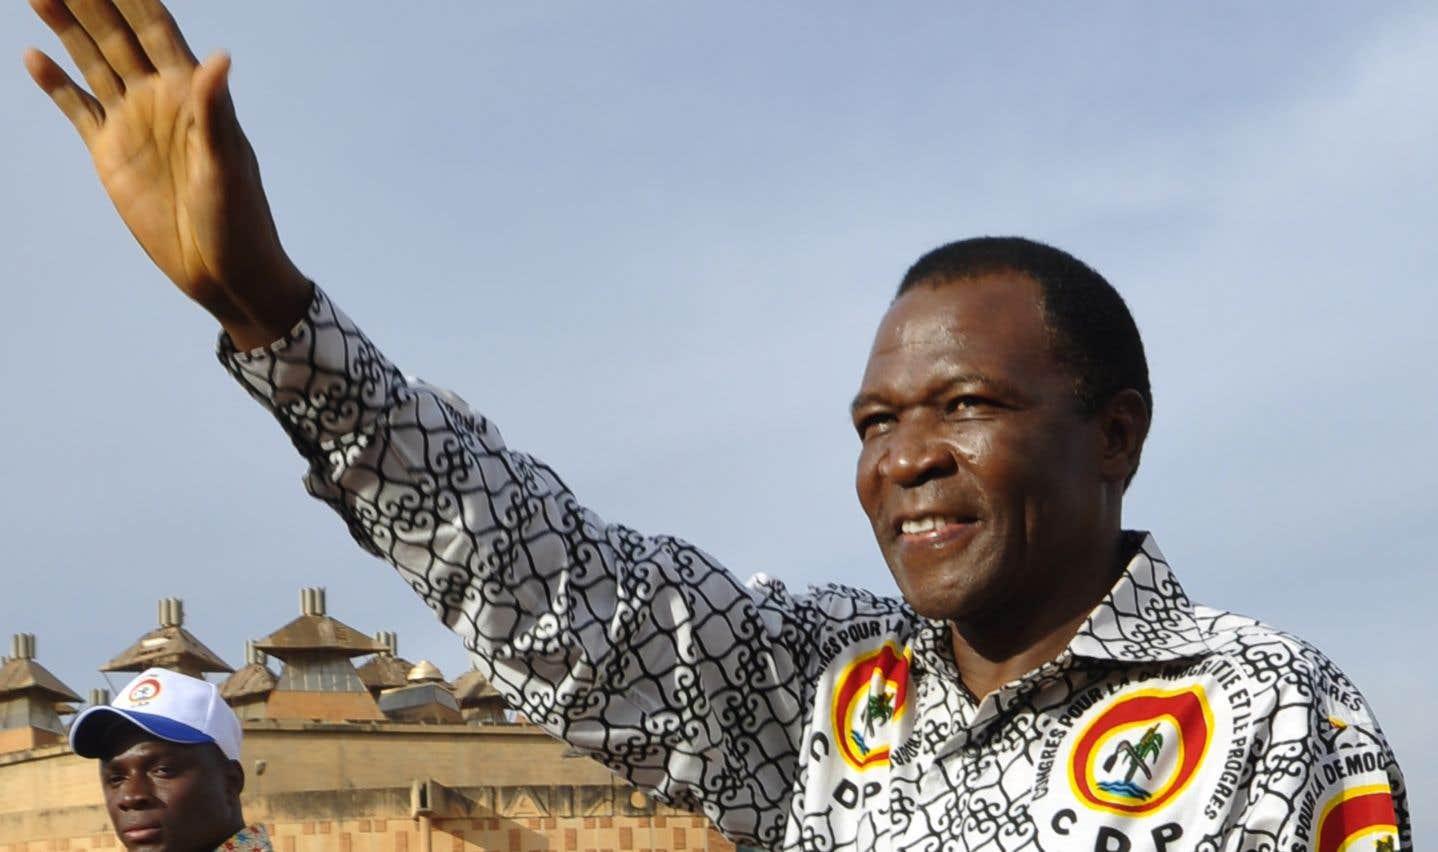 François Compaoré, frère de l'ancien président déchu burkinabé Blaise Compaoré, en 2012.